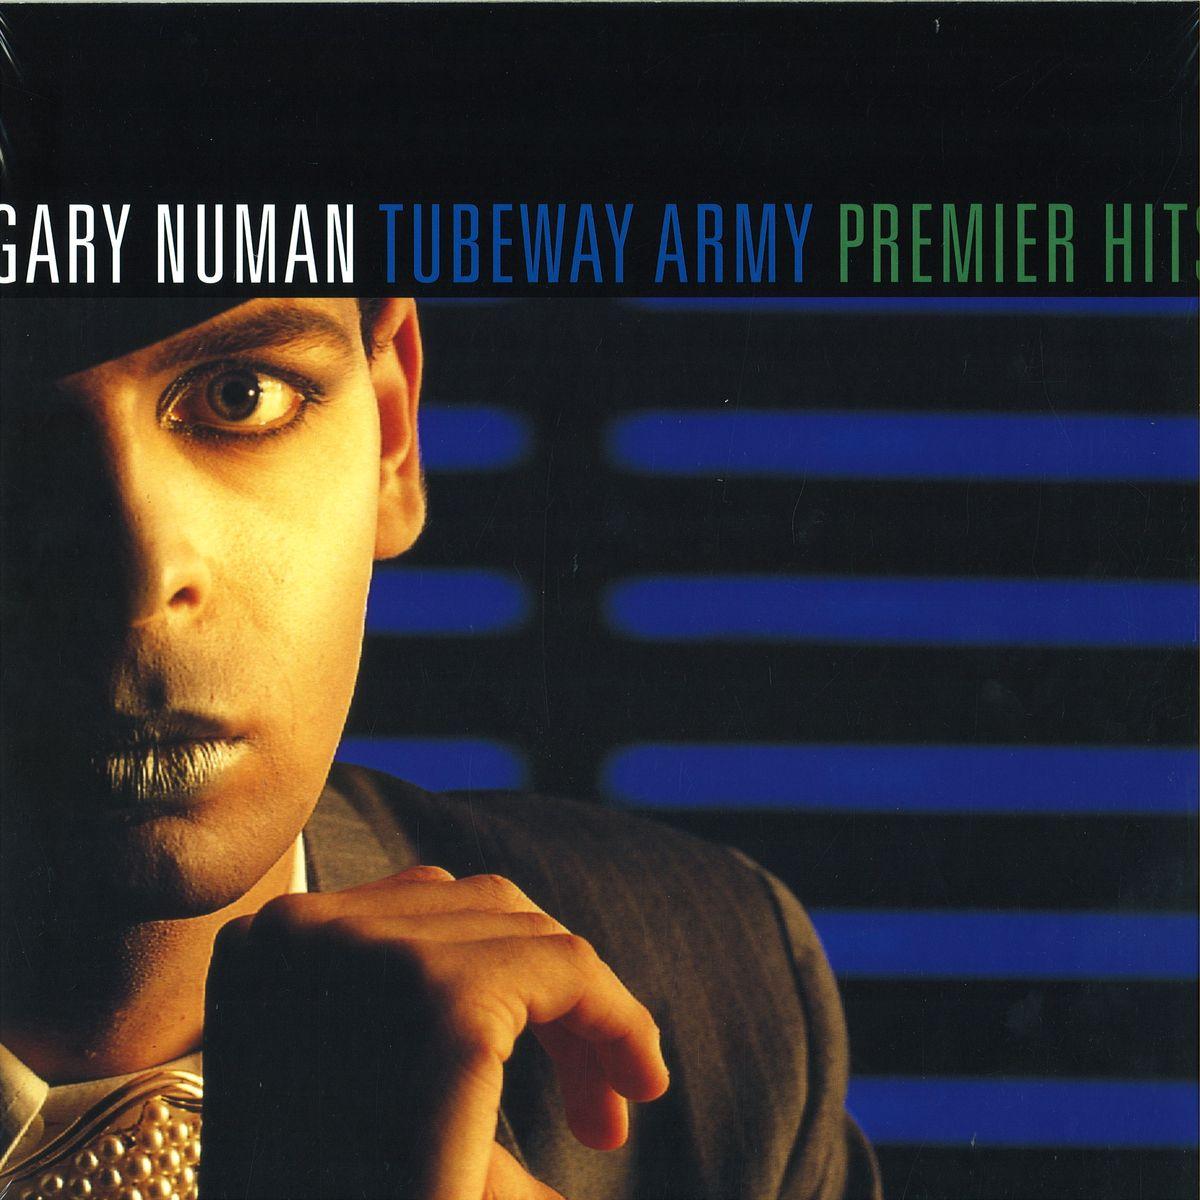 Gary Numan / Tubeway Army - Premier Hits 2LPs